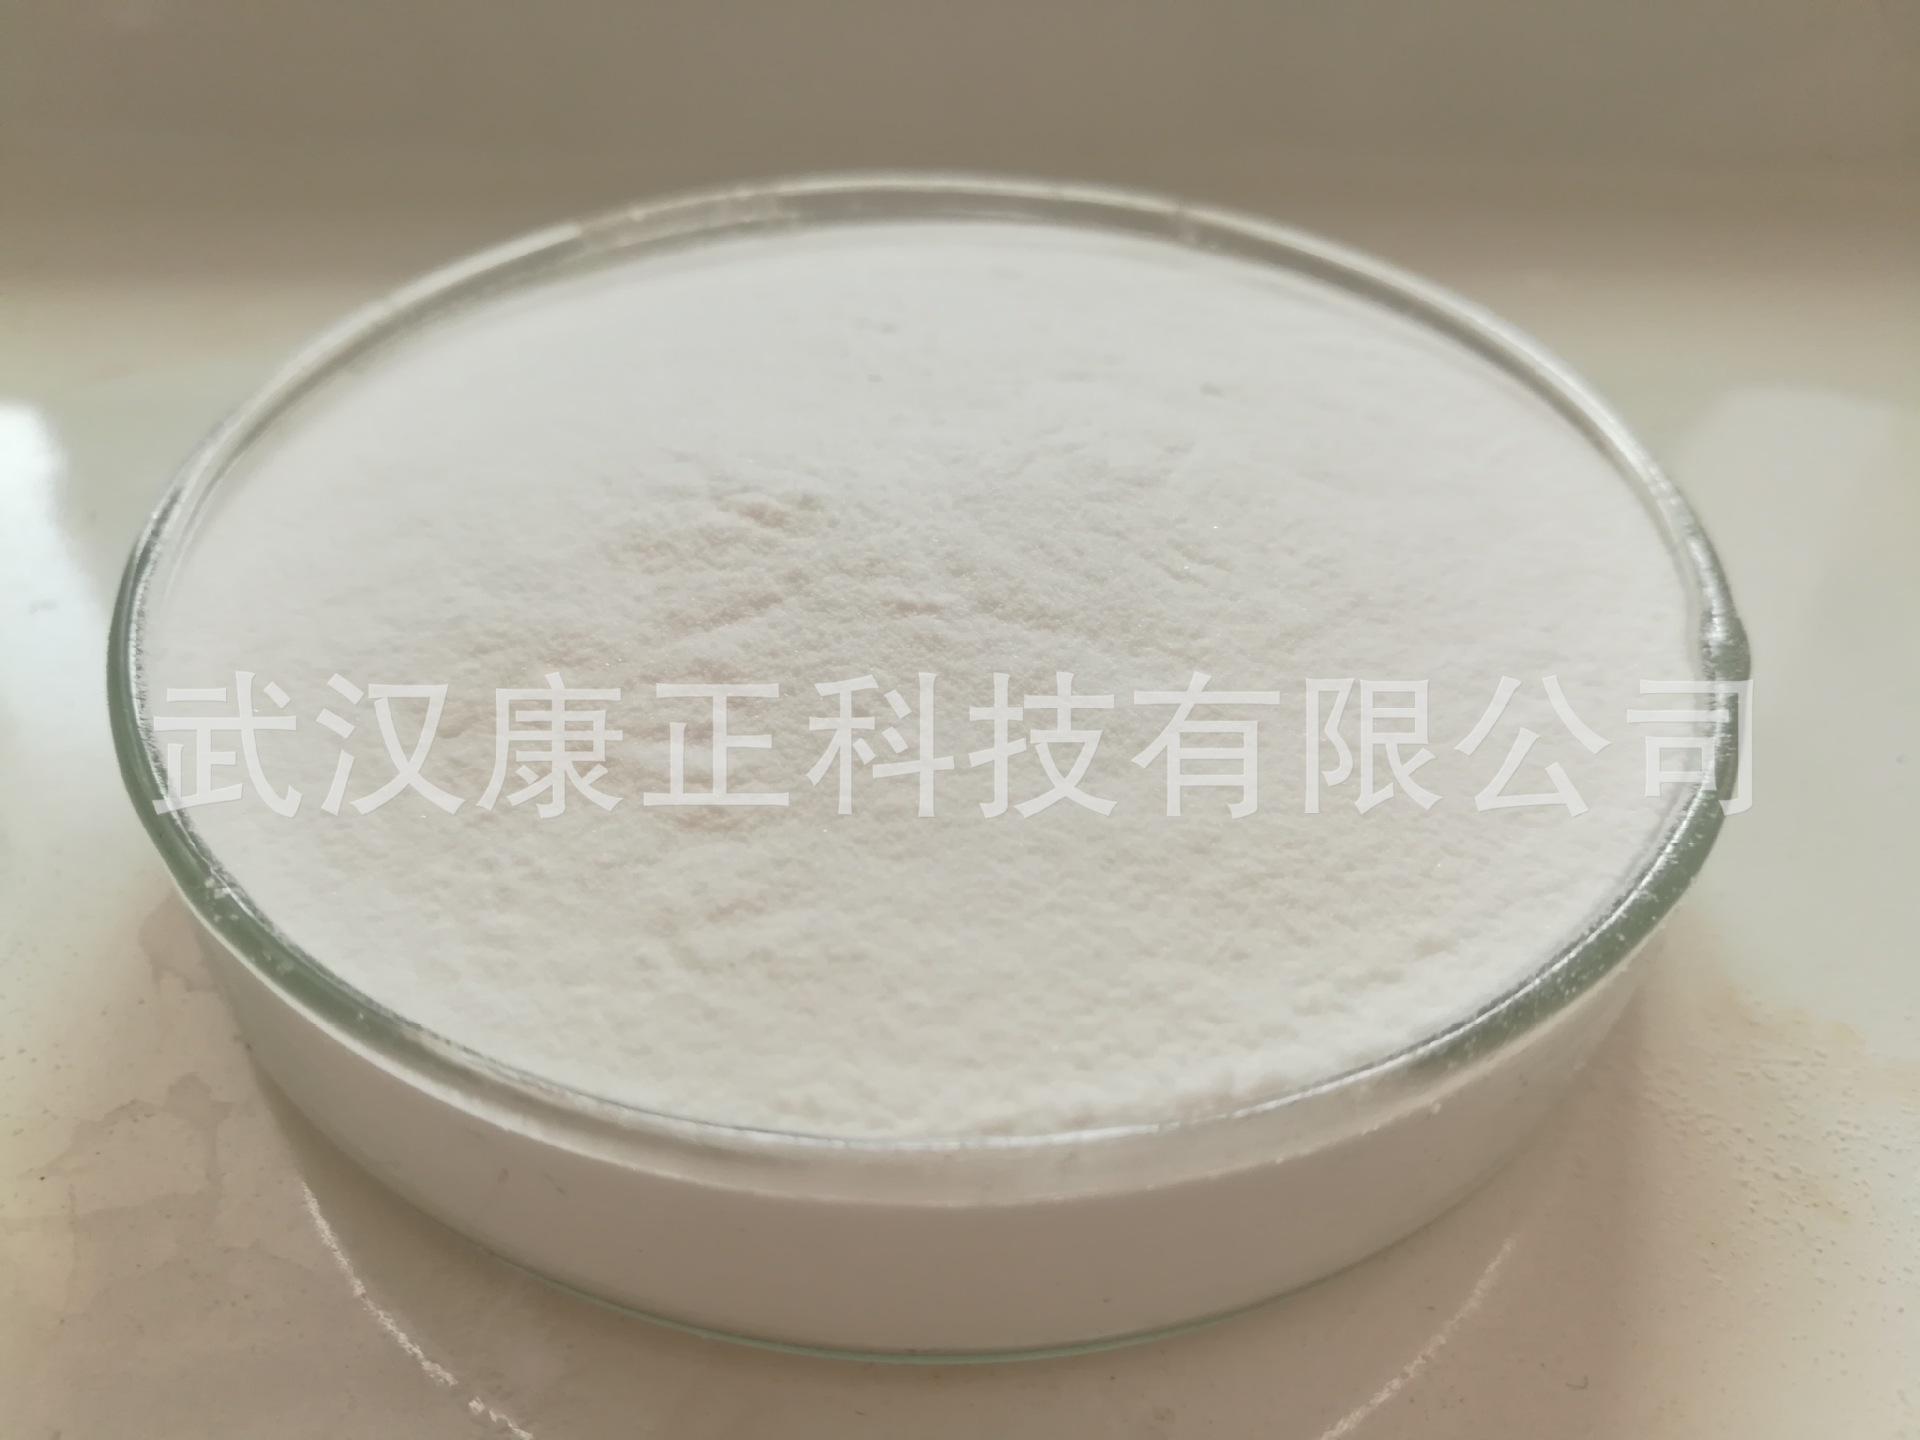 乙二胺四乙酸钙钠盐(EDTA-Ca-10)